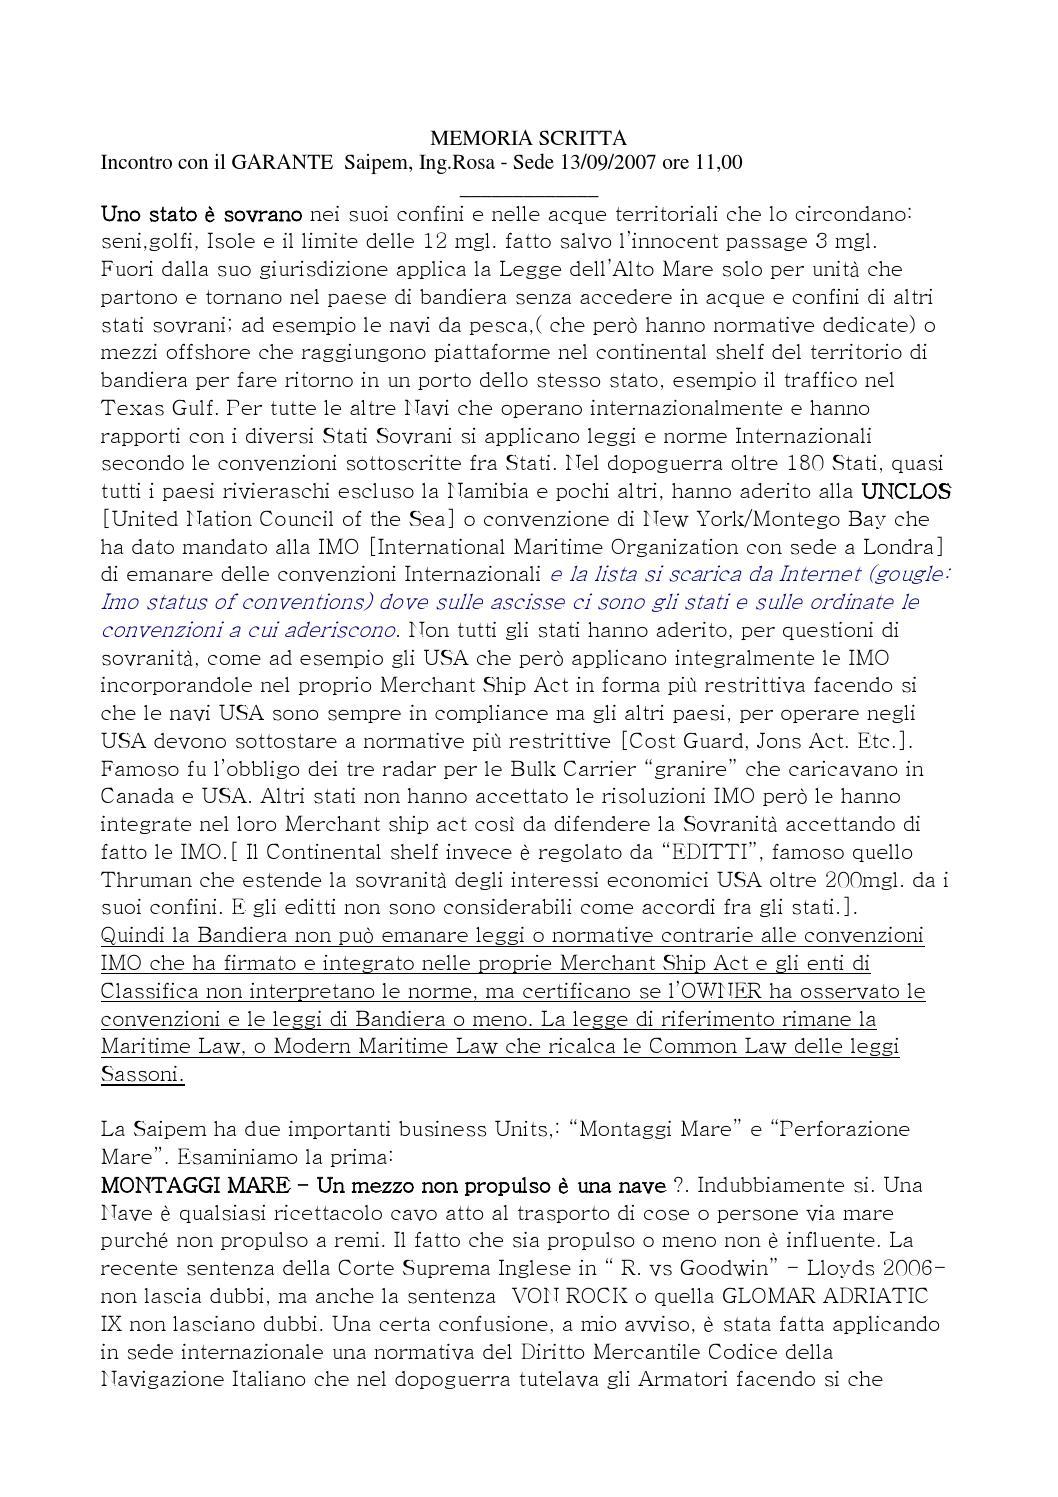 Memoria colloquio con il garante by staff grillo issuu for Seni diversi